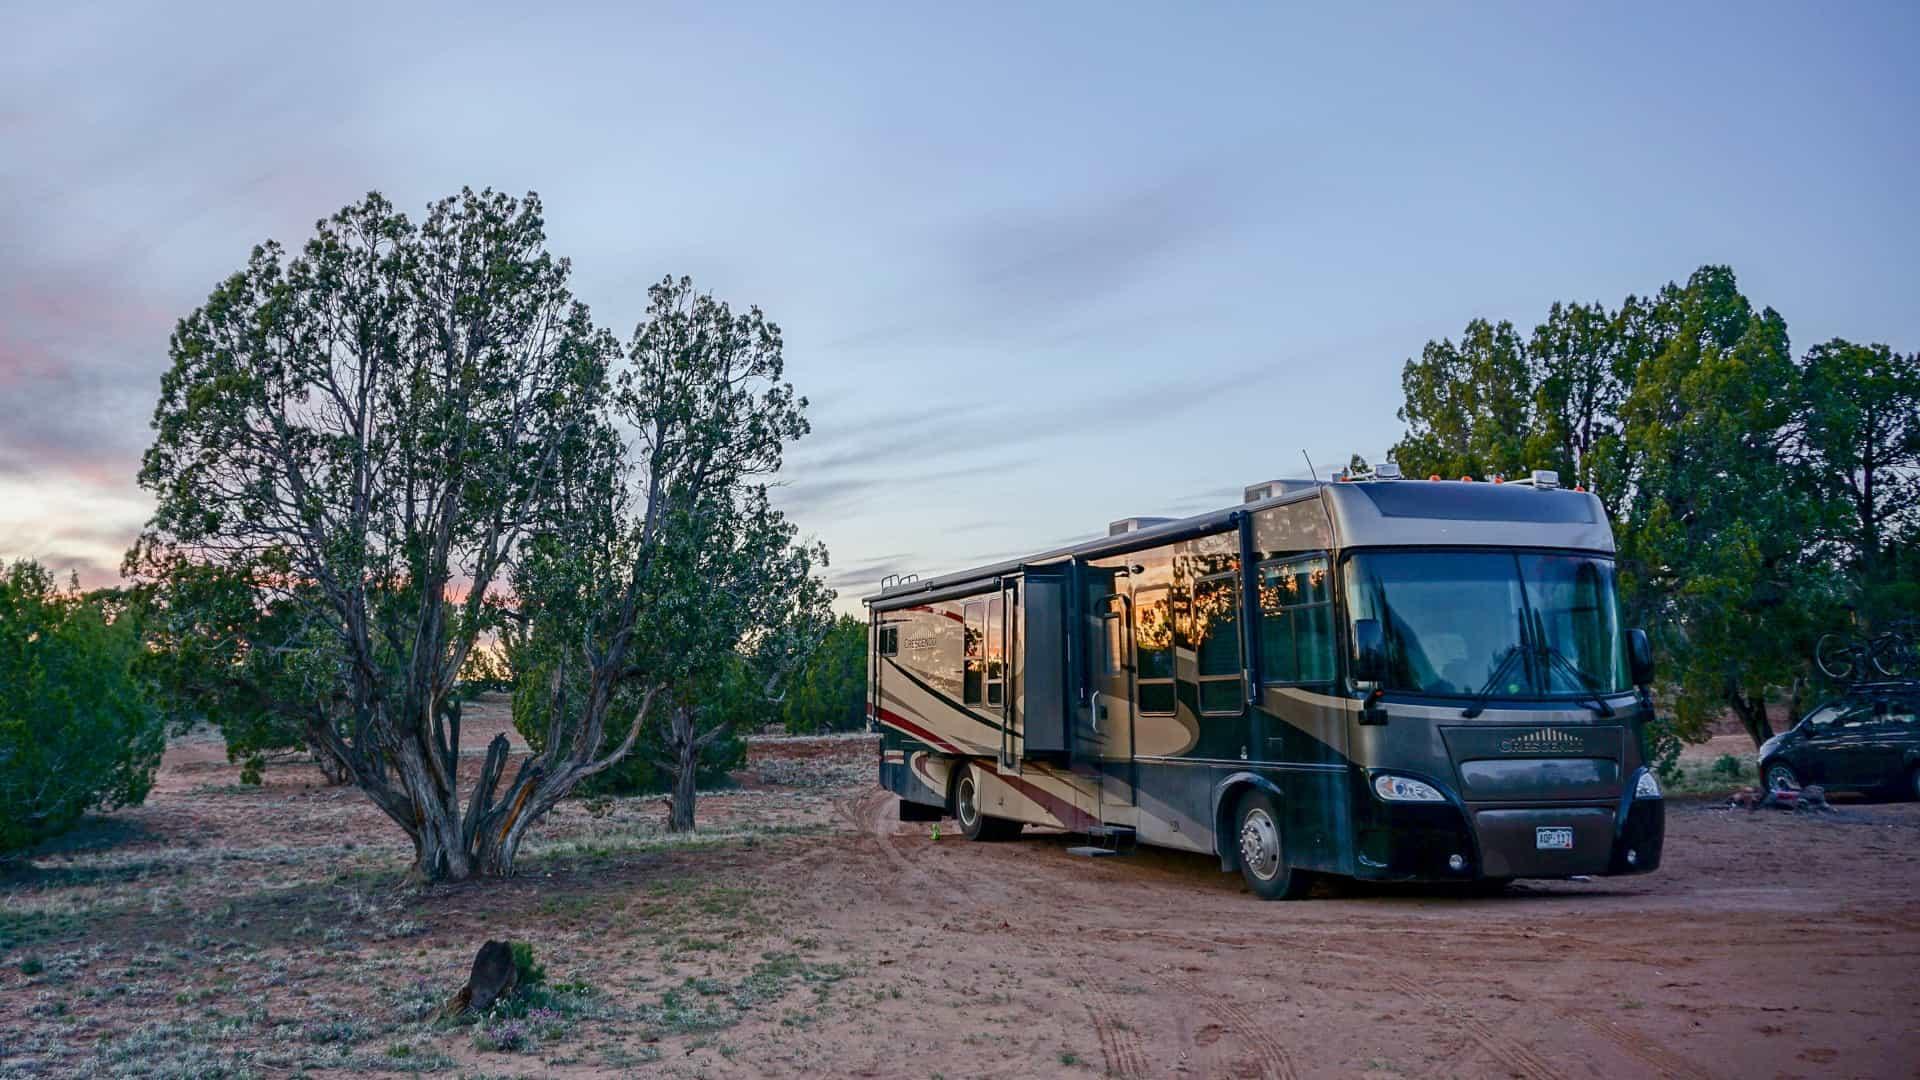 Free Dispersed Campsite in Escalante Utah